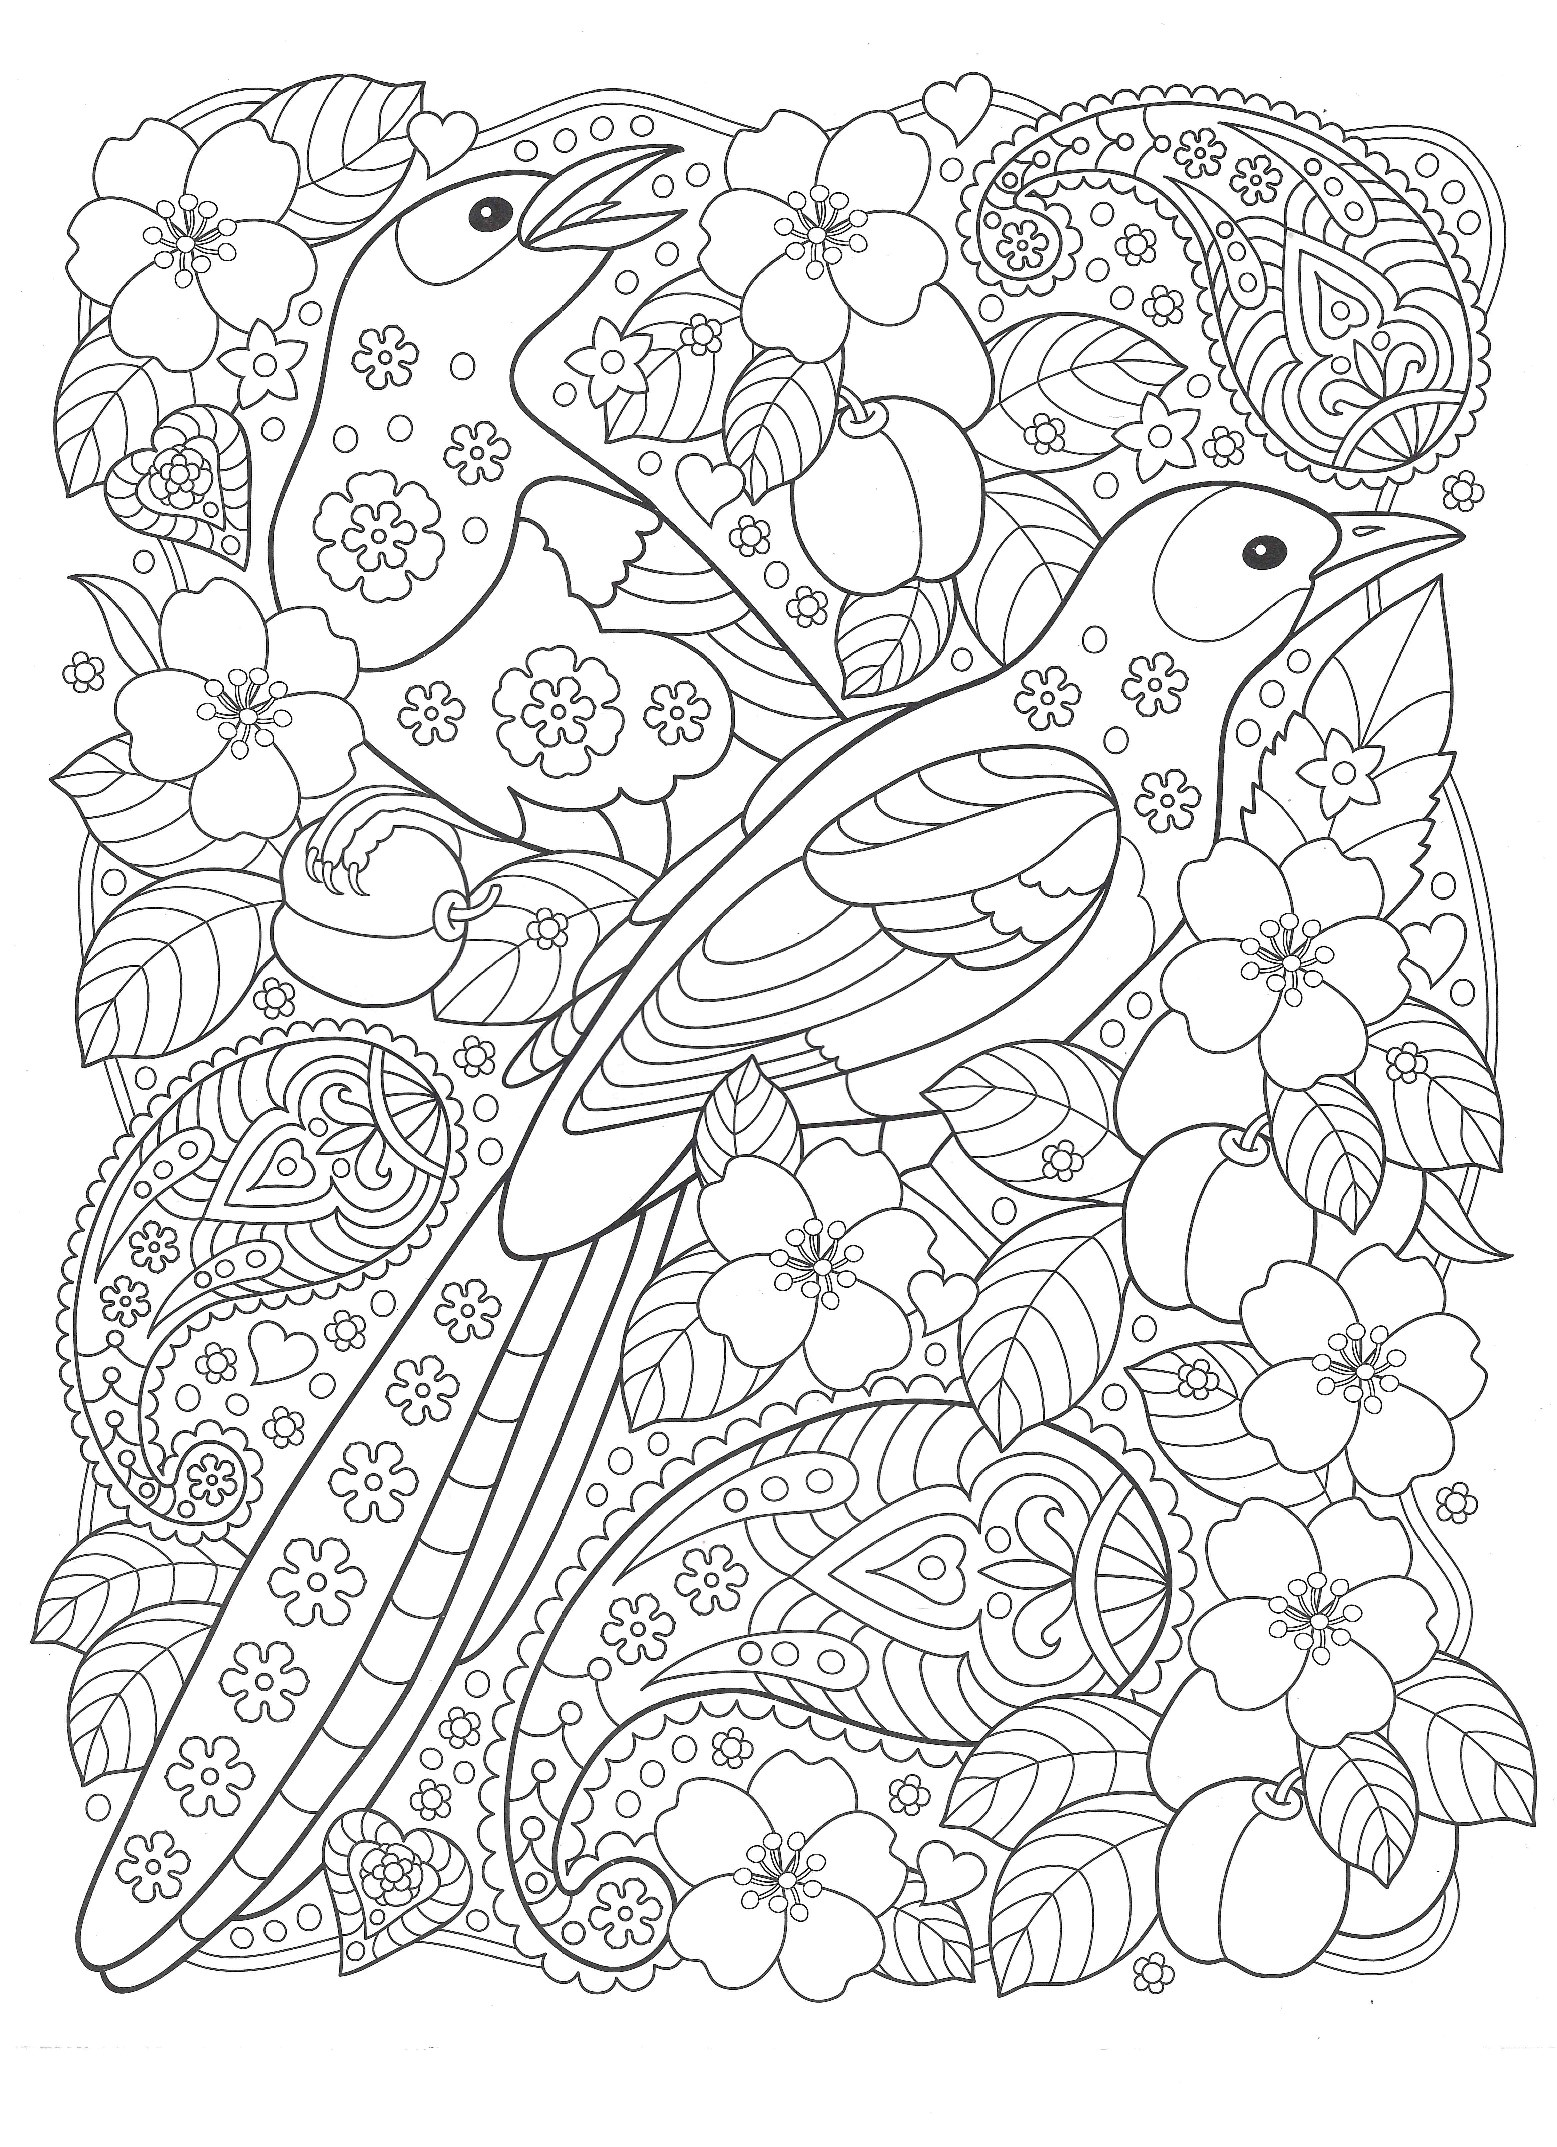 птицы с цветами птицы раскраски антистресс